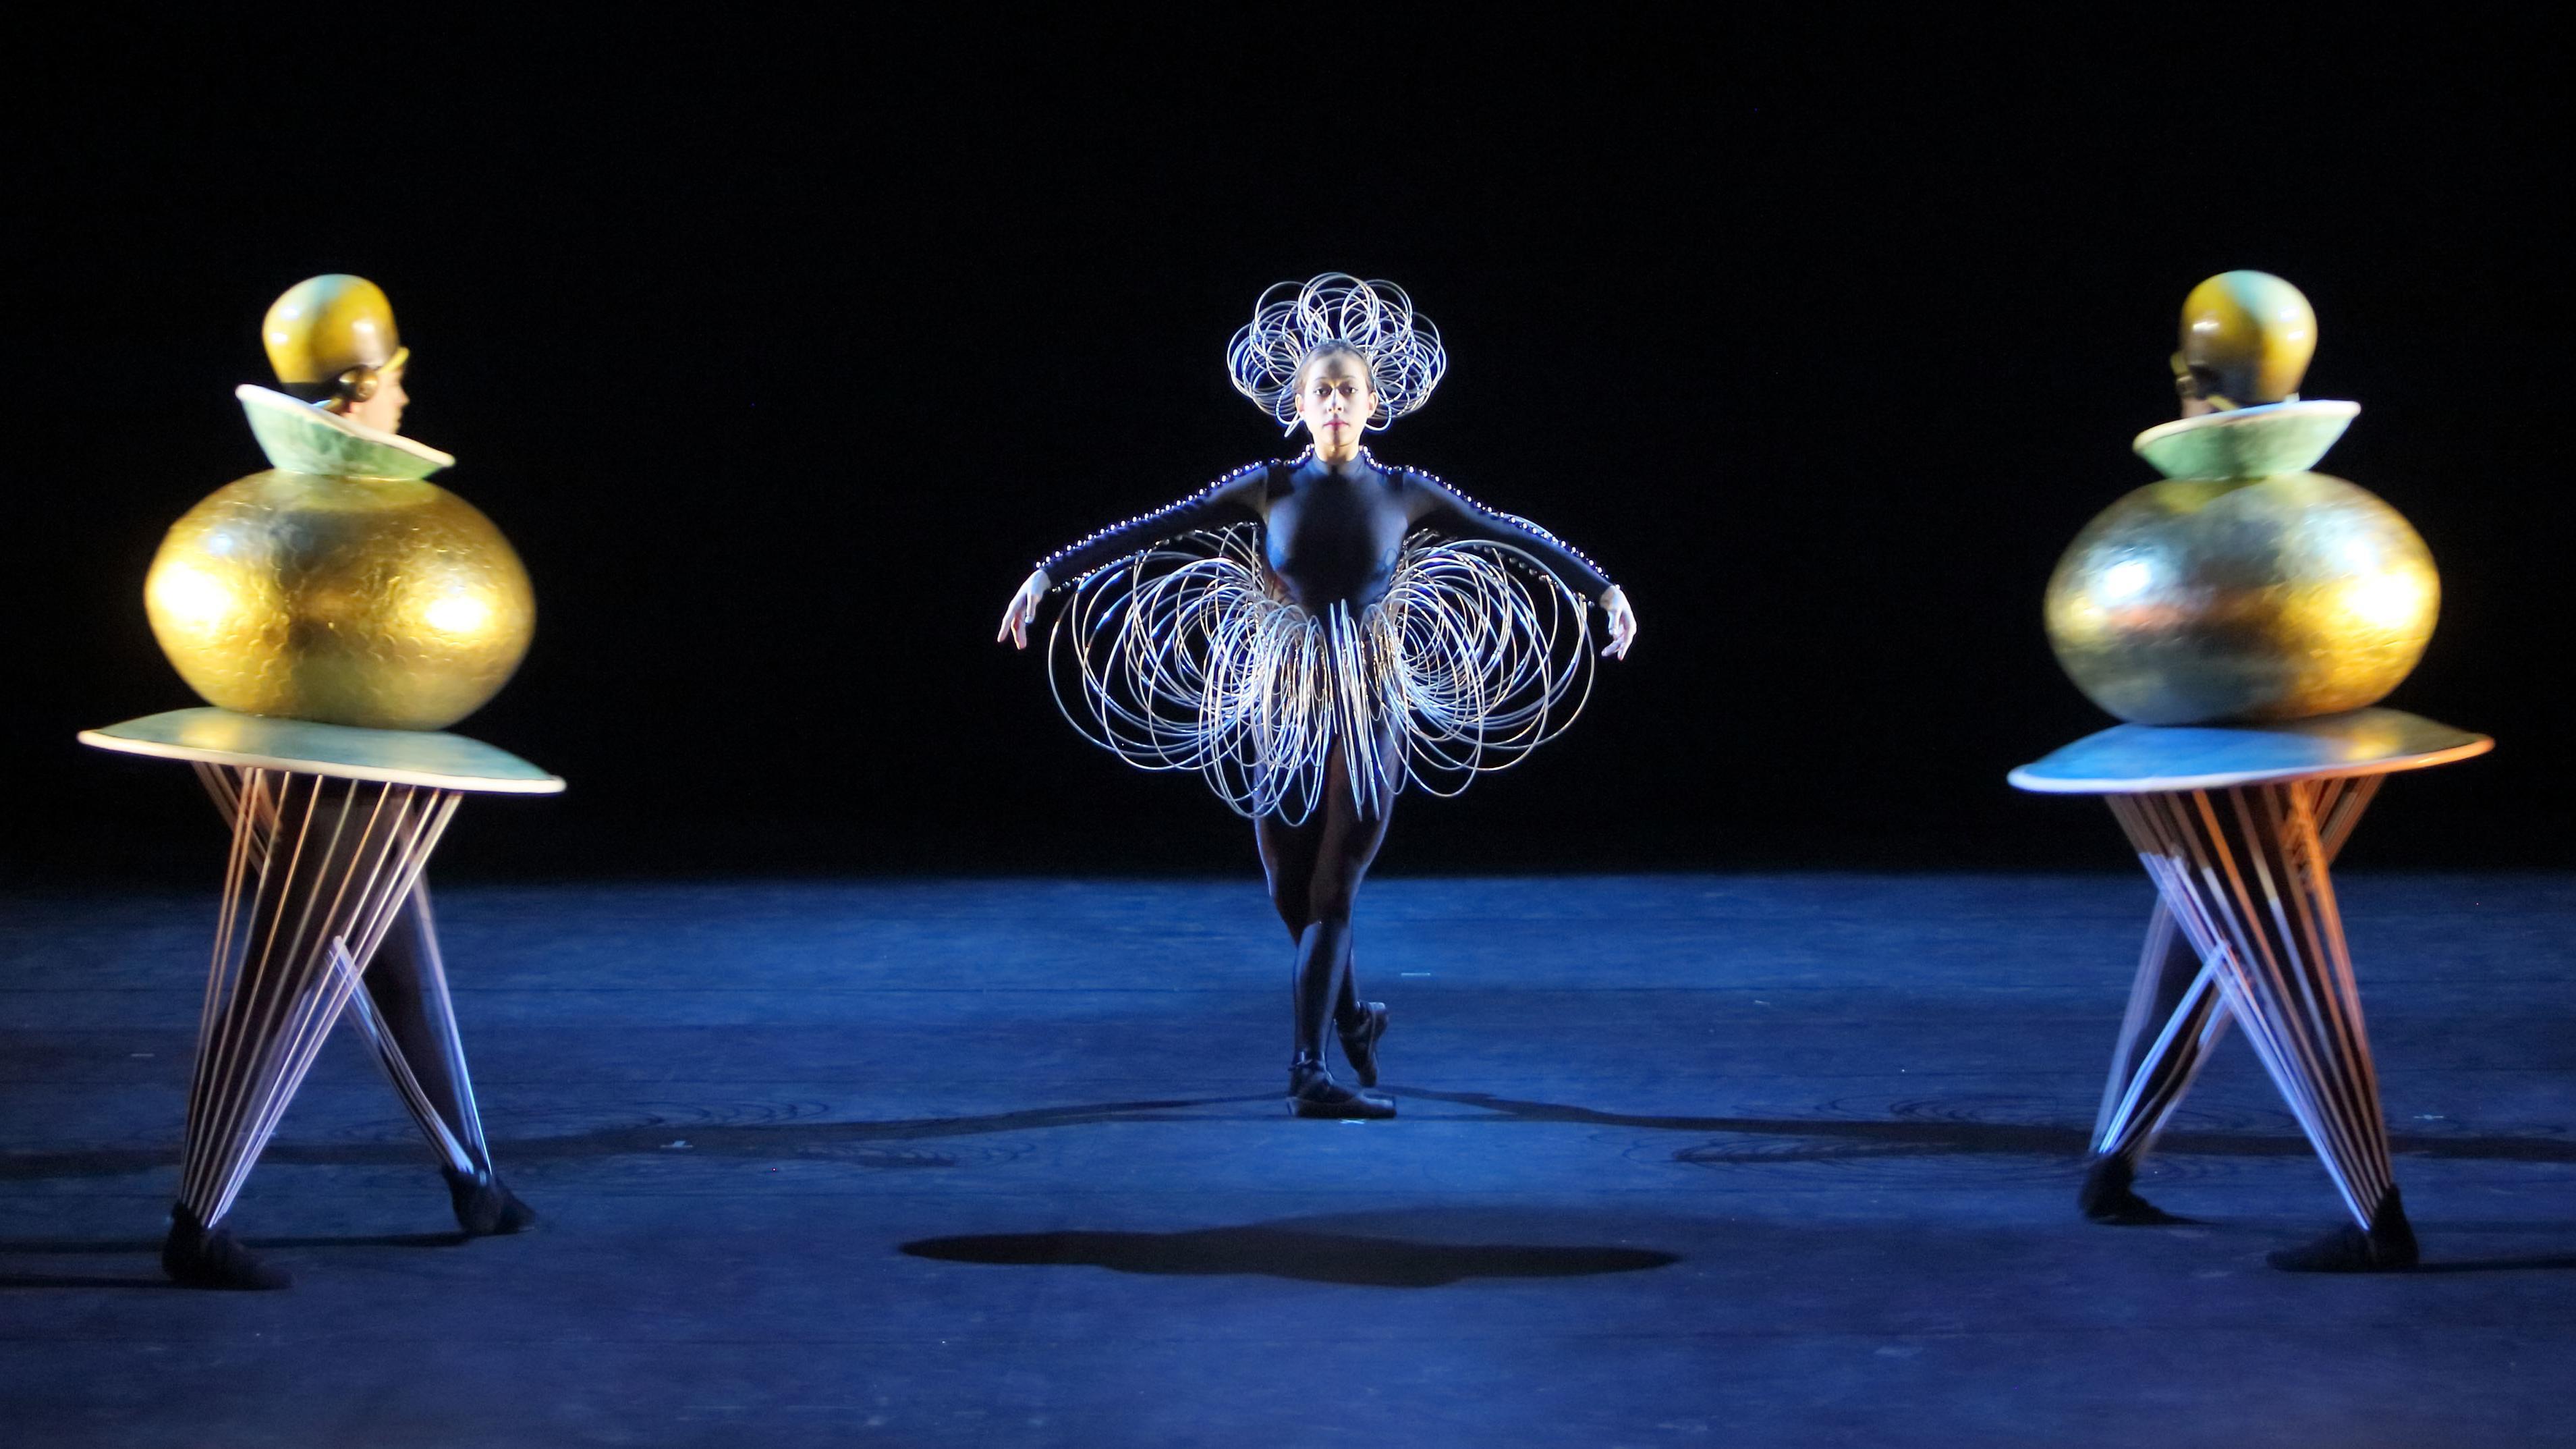 """""""Triadisches Ballett"""" nach Oskar Schlemmer: Drei Figuren mit Kegelbeinen und Kugelkörpern auf einer dunklen Bühne"""